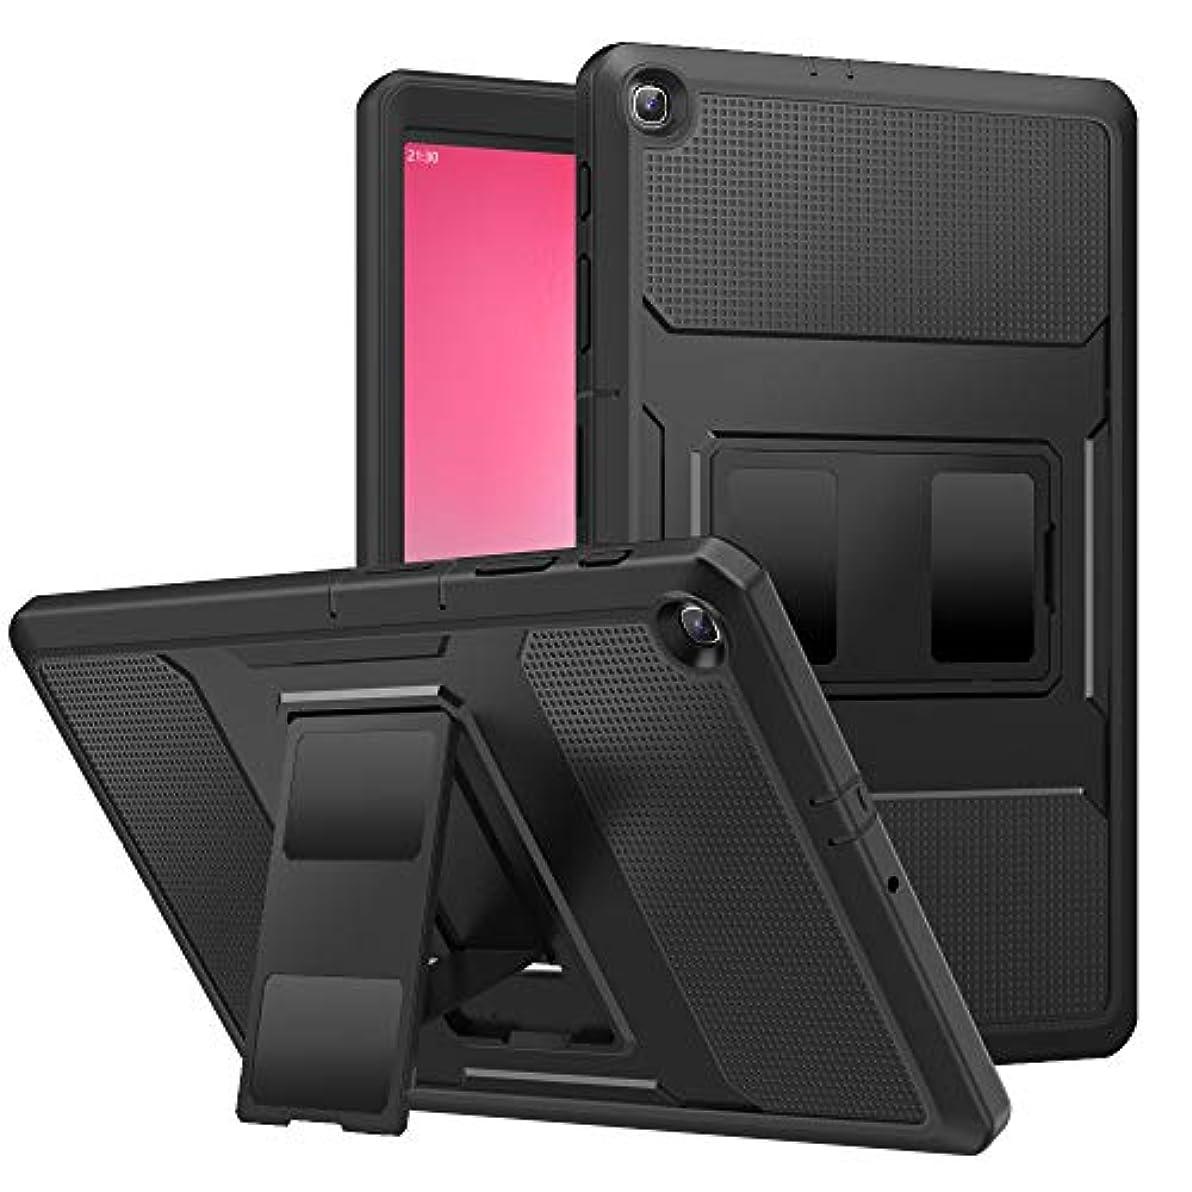 エール寄り添うワーディアンケースATiC Samsung Galaxy Tab A 10.1 2019(T510) カバー タブレットケース 2019 NEW モデル 360度全面保護型 薄型 軽量 PC+TPU素材 スタンドカバー PETフィルム付き Black